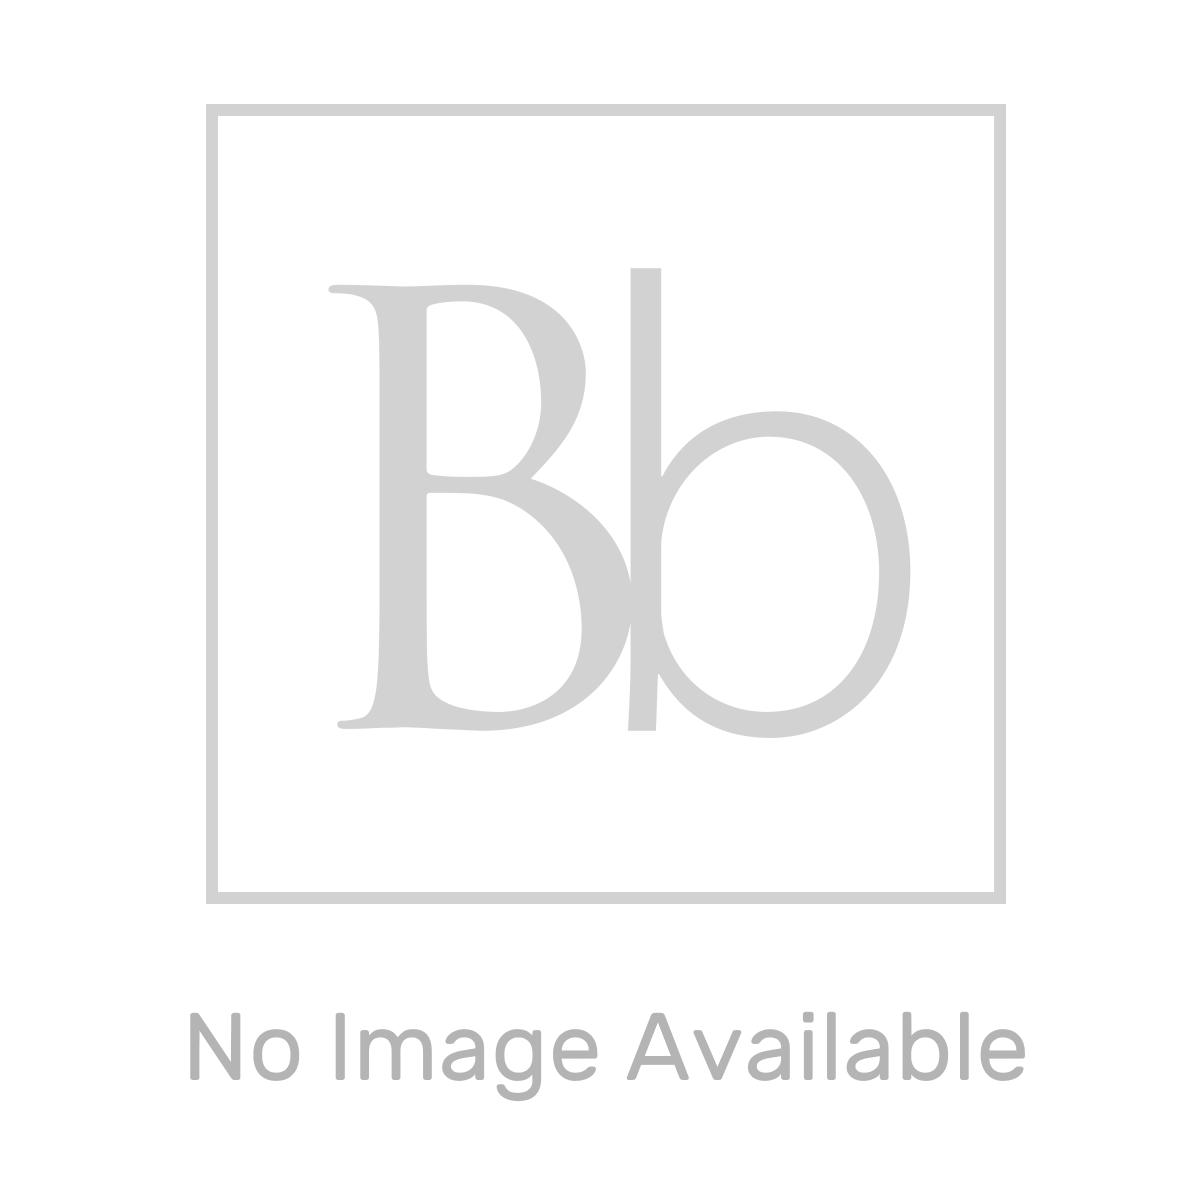 Click clack basin waste slotted measurements ER07